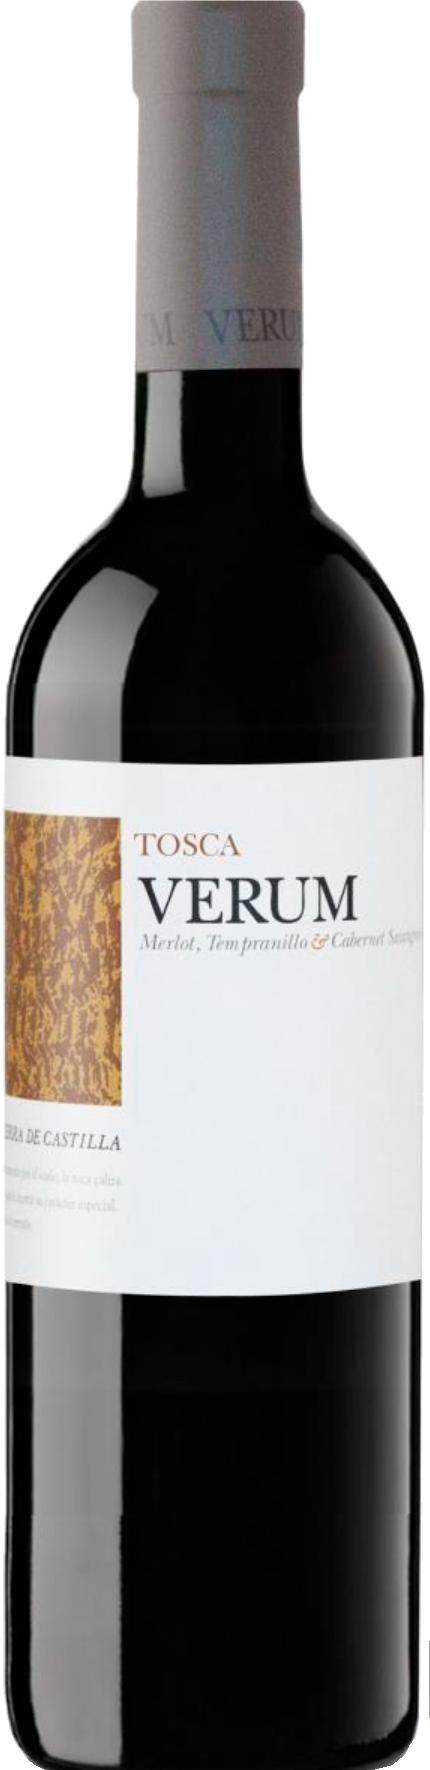 Tosca Verum 2013